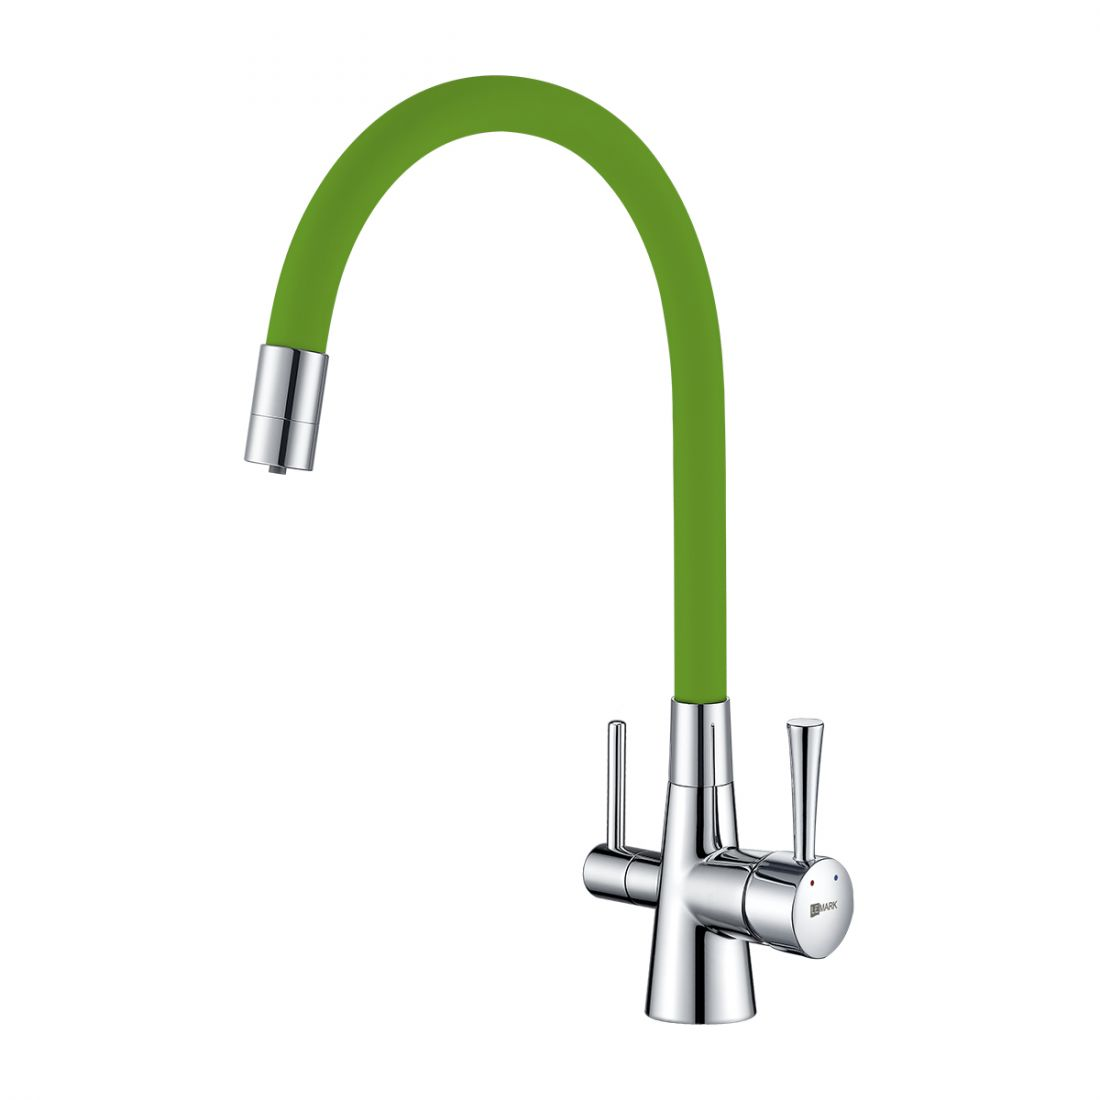 Смеситель Lemark Comfort (LM3075C-Green) для кухни  с подключением к фильтру с питьевой водой